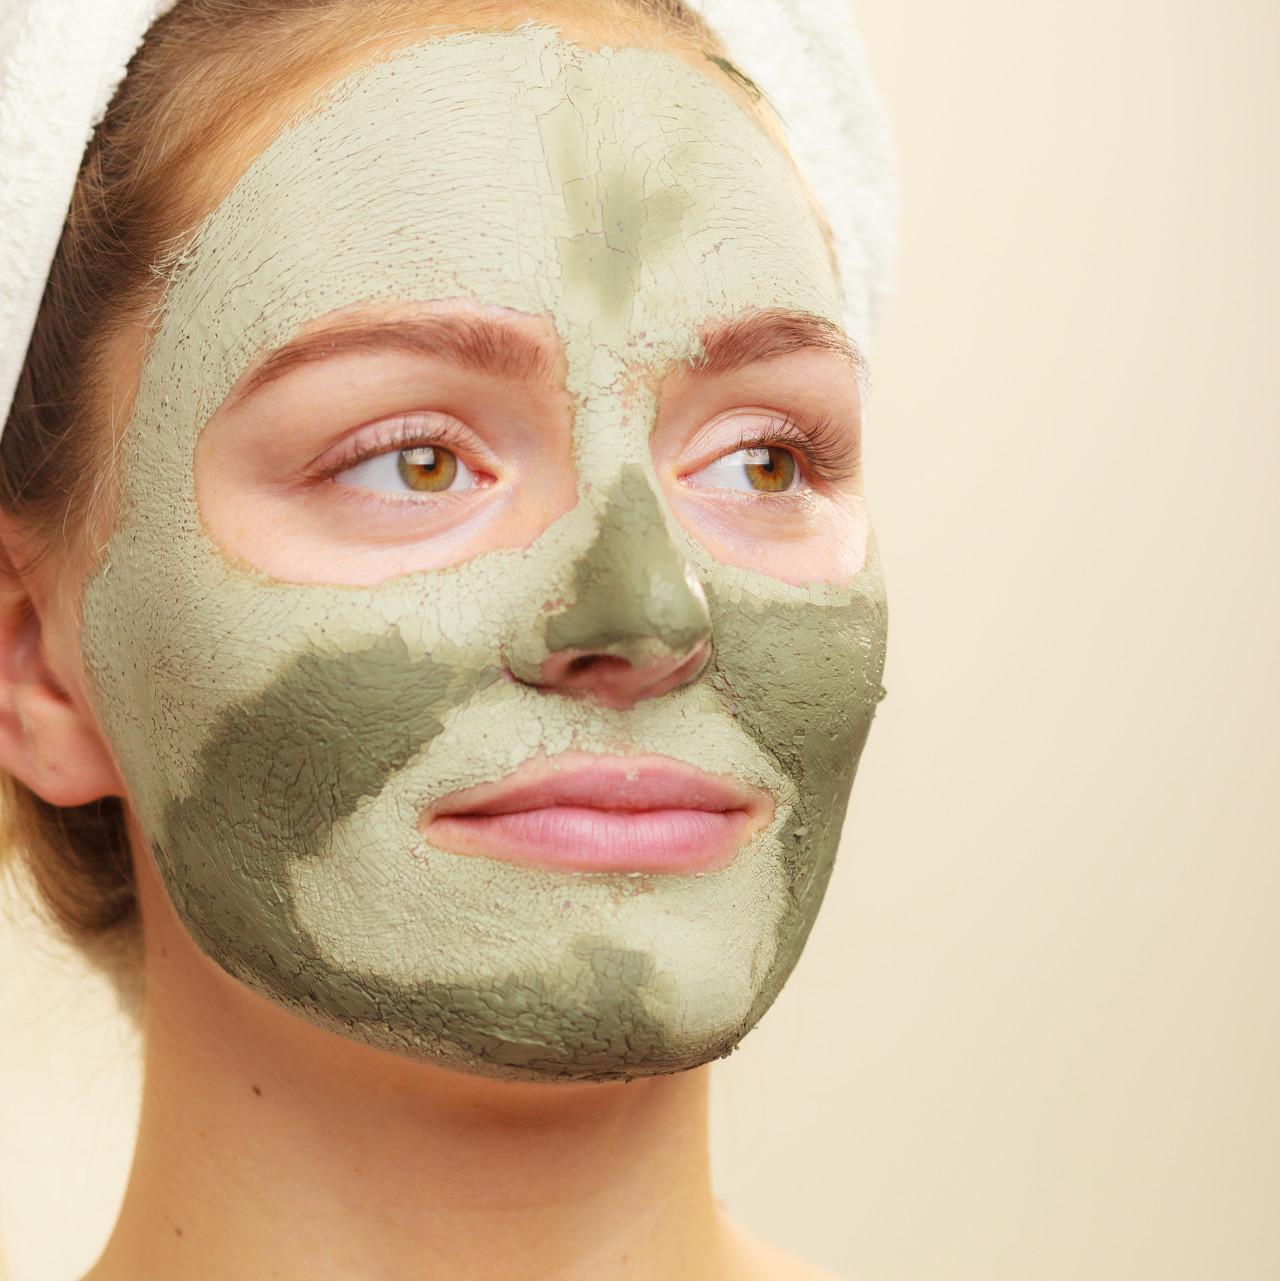 痘痘油皮亲妈! 这些面膜让你的肌肤在夏日依旧清透肌肤